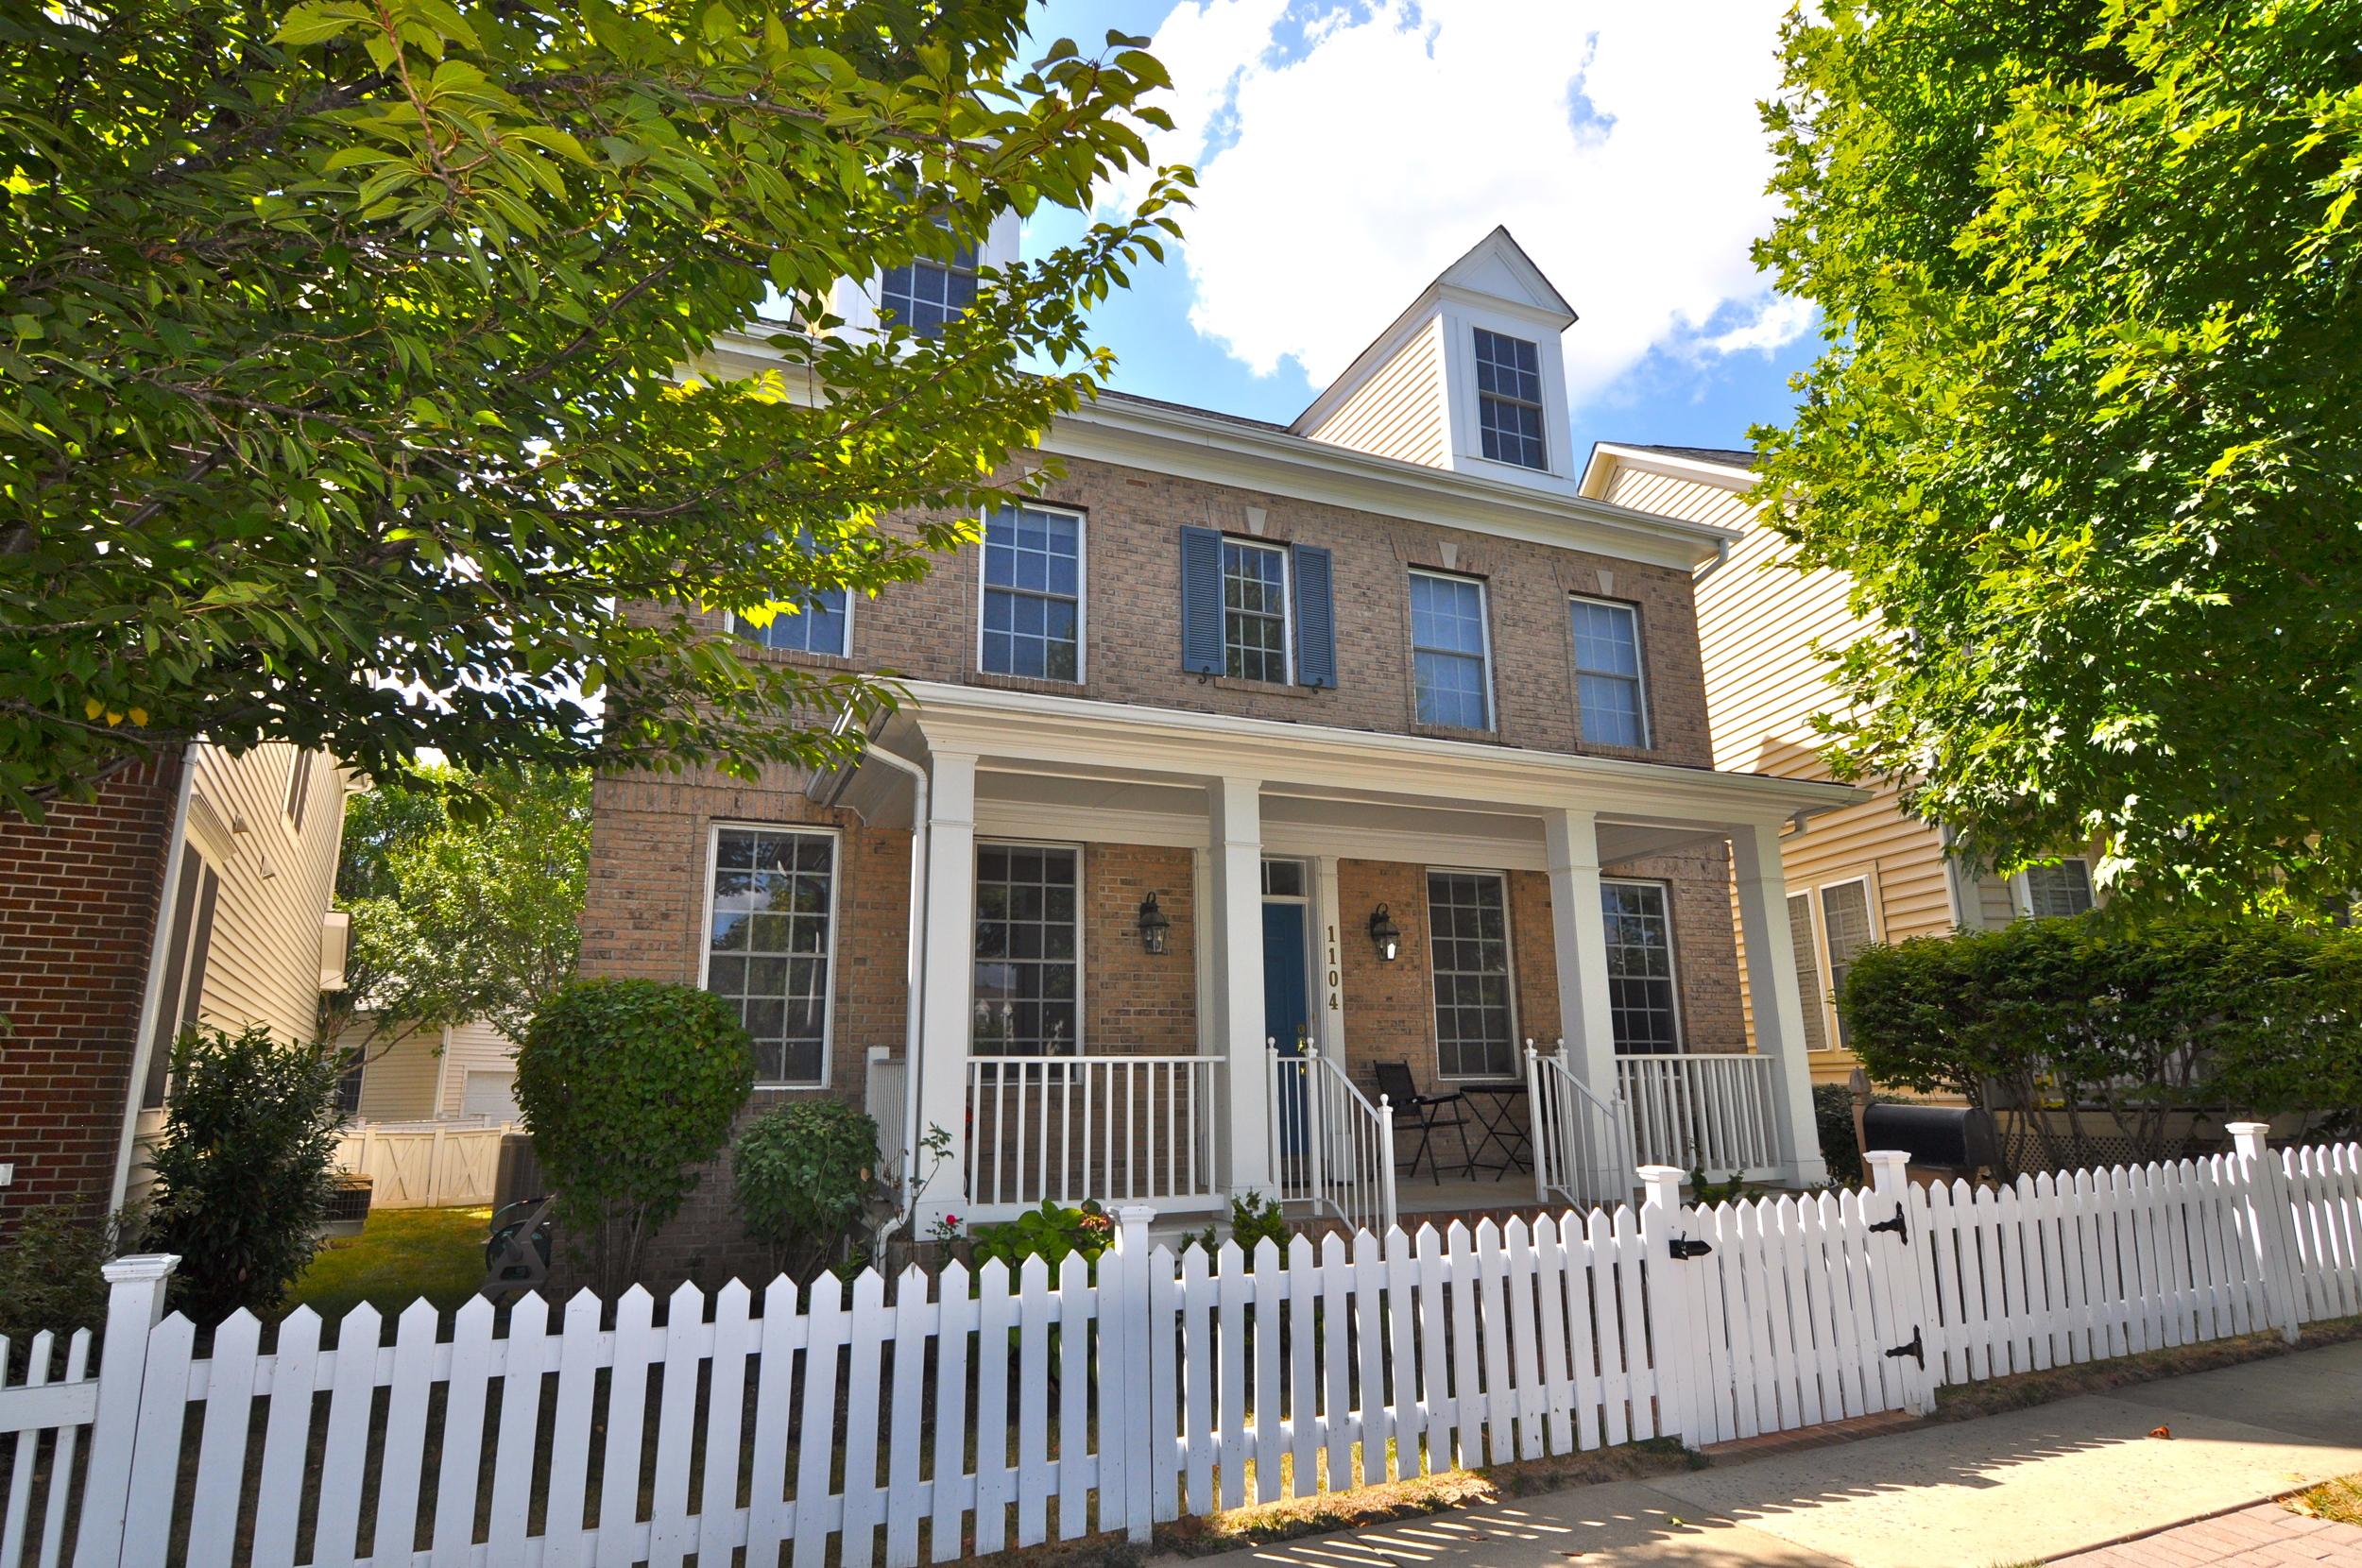 Sold Listing - Rockville, MD